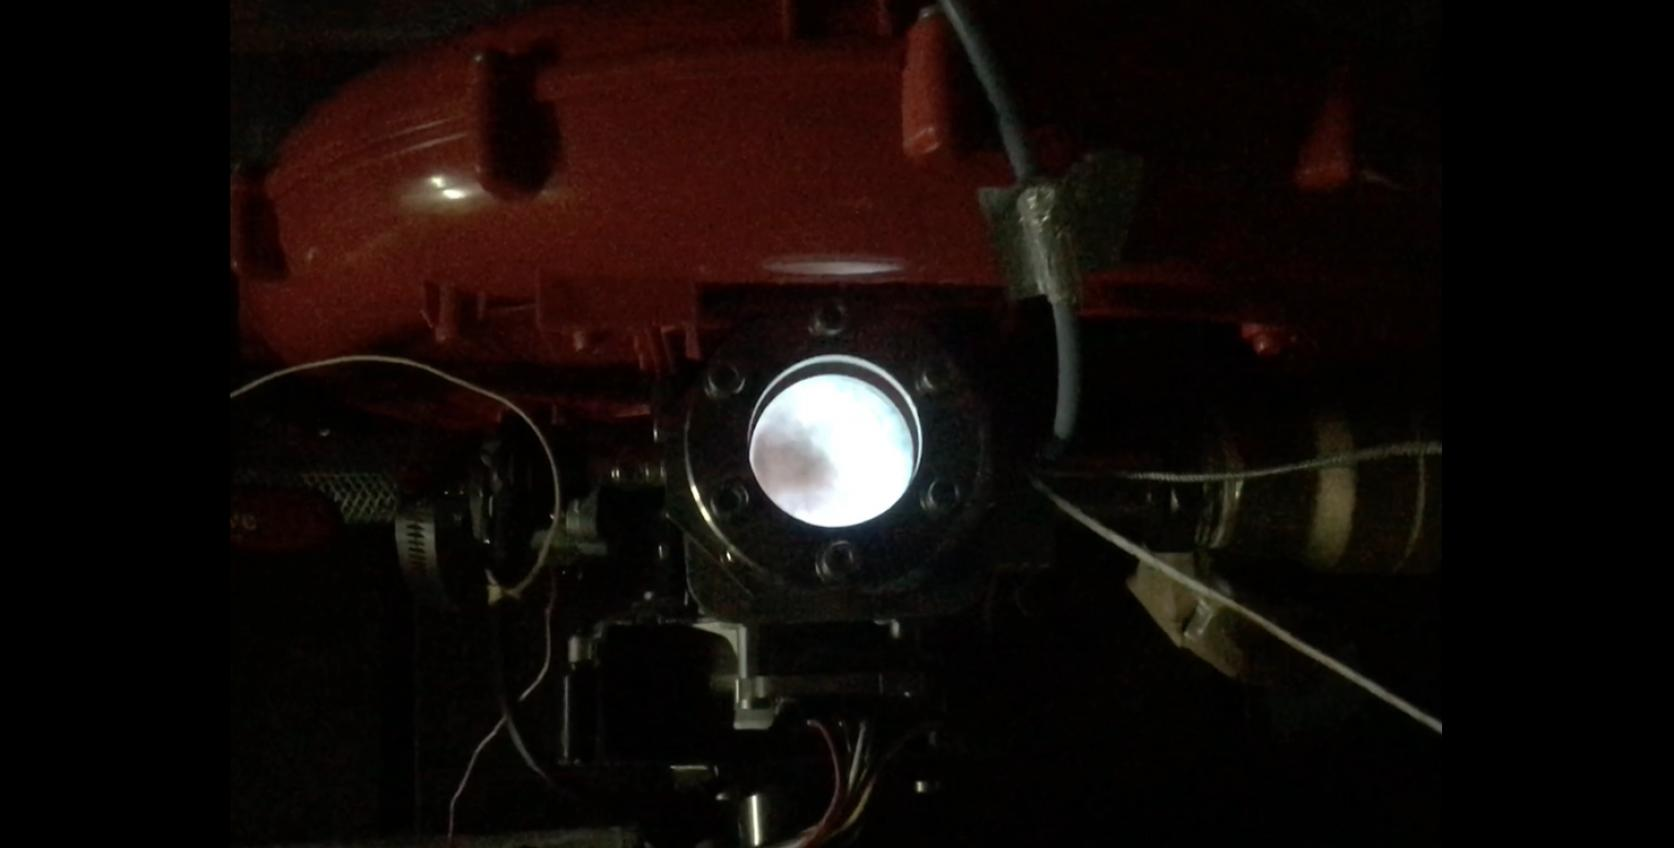 機械工学科 飯島研究室の研究内容がMotor Fan illustrated Vol. 163号に紹介されました。